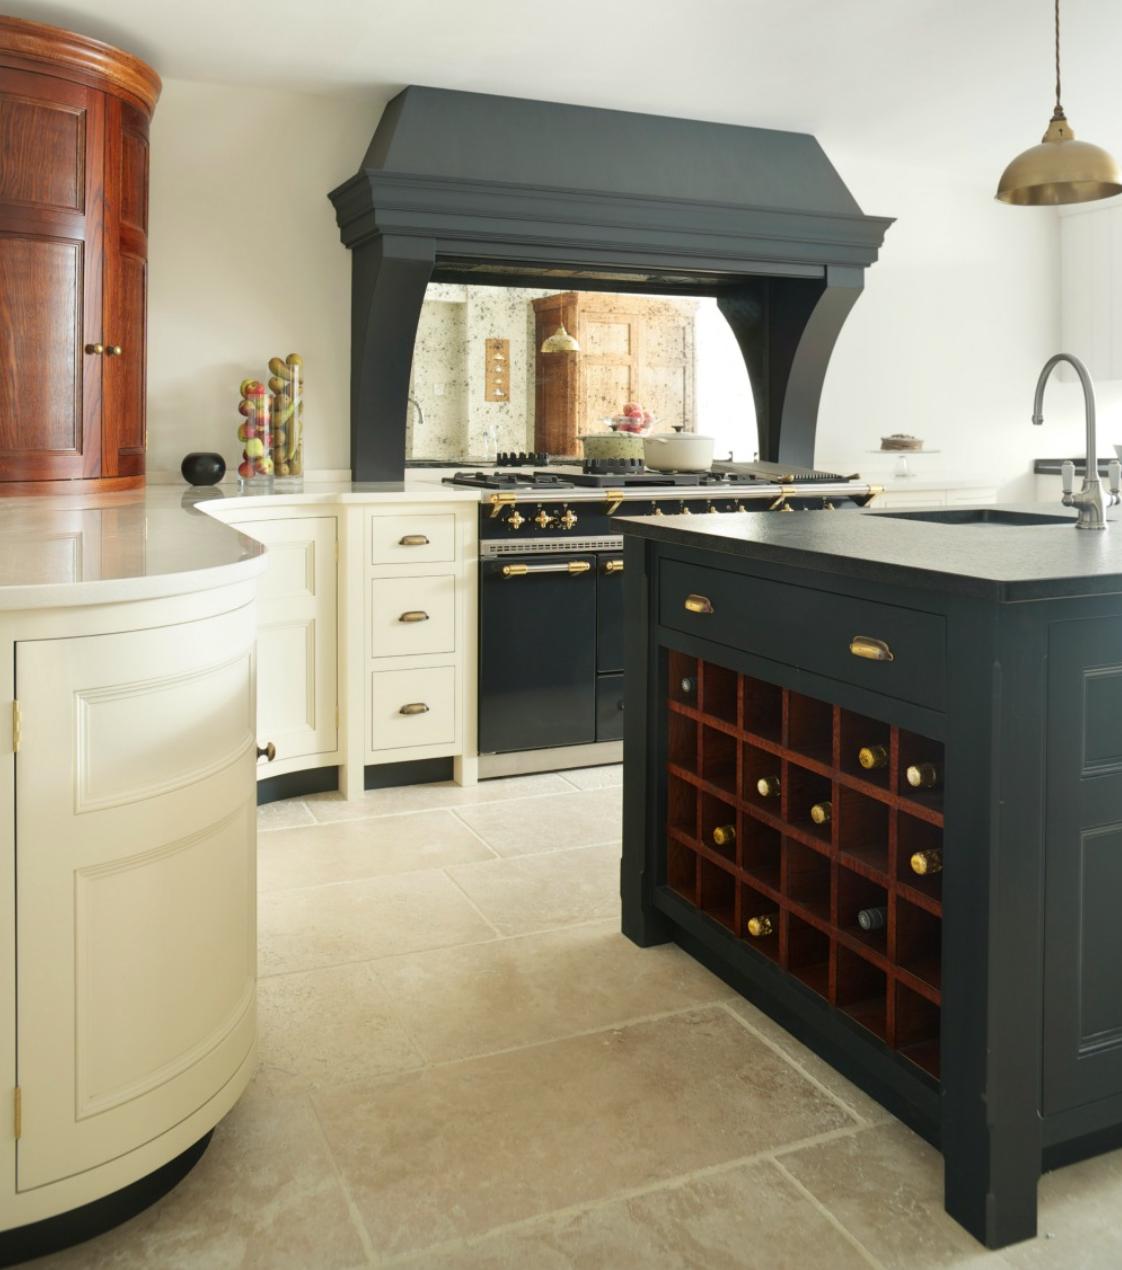 bespoke kitchen storage ideas bespoke kitchen design ideas modern transitional